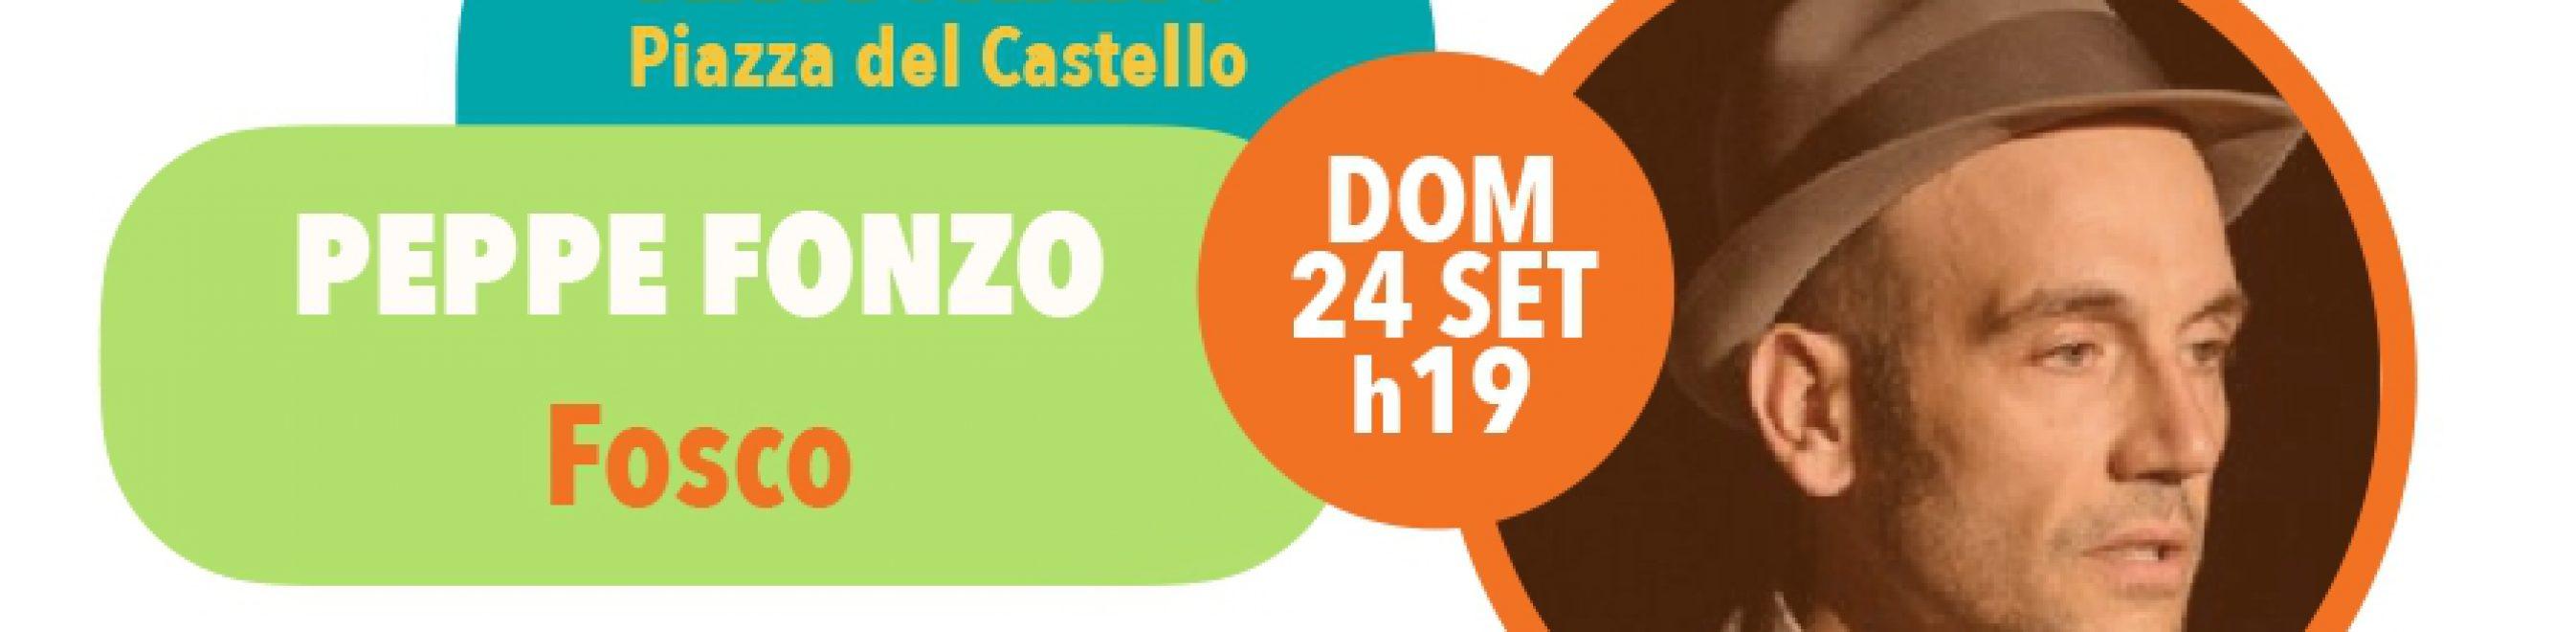 Domenica 24 settembre, ore 19 - Scenari di Quartiere: Antignano PEPPE FONZO